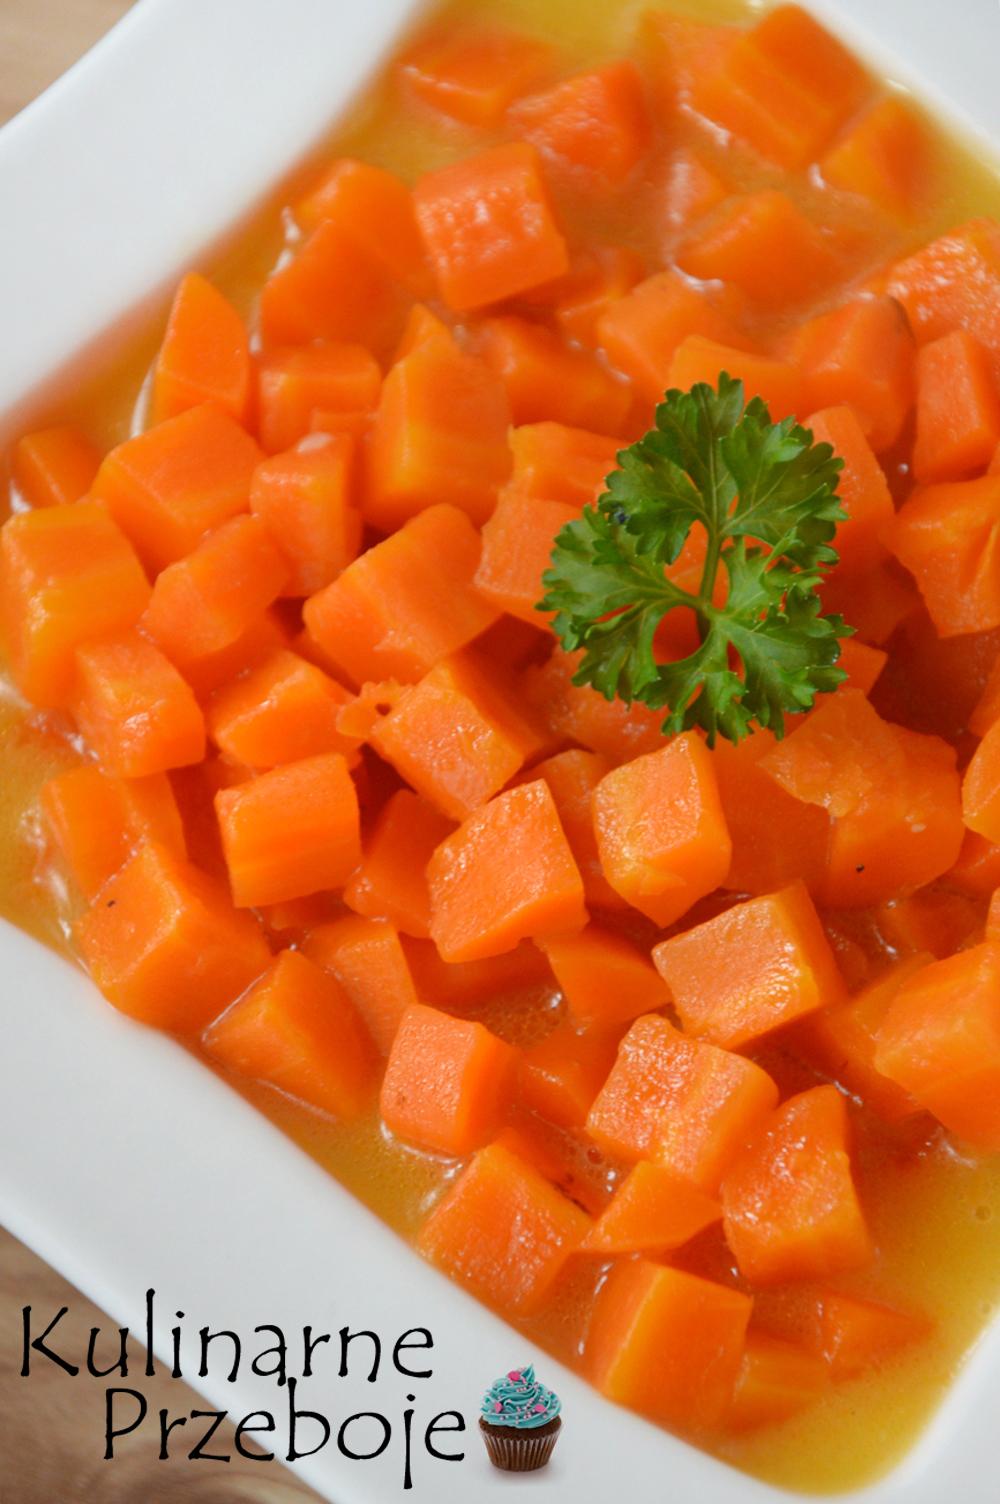 Gotowana marchewka - zdjęcie z bliska